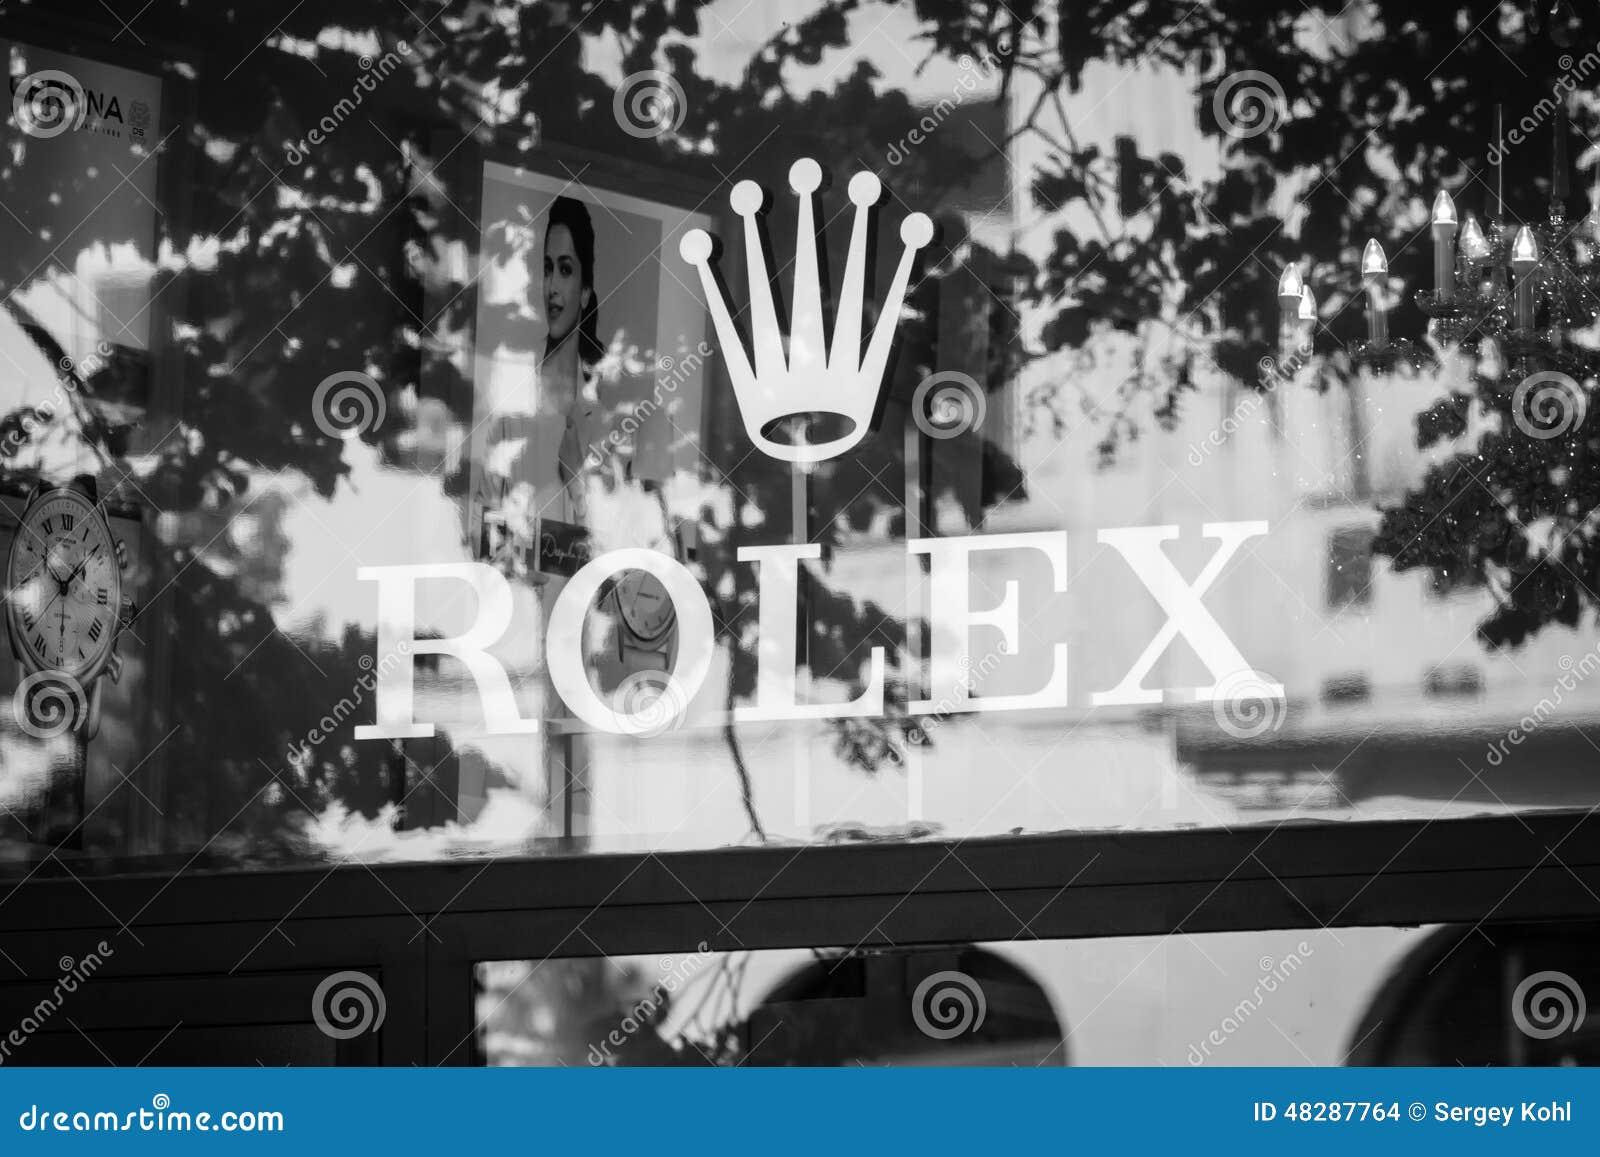 Rolex butik